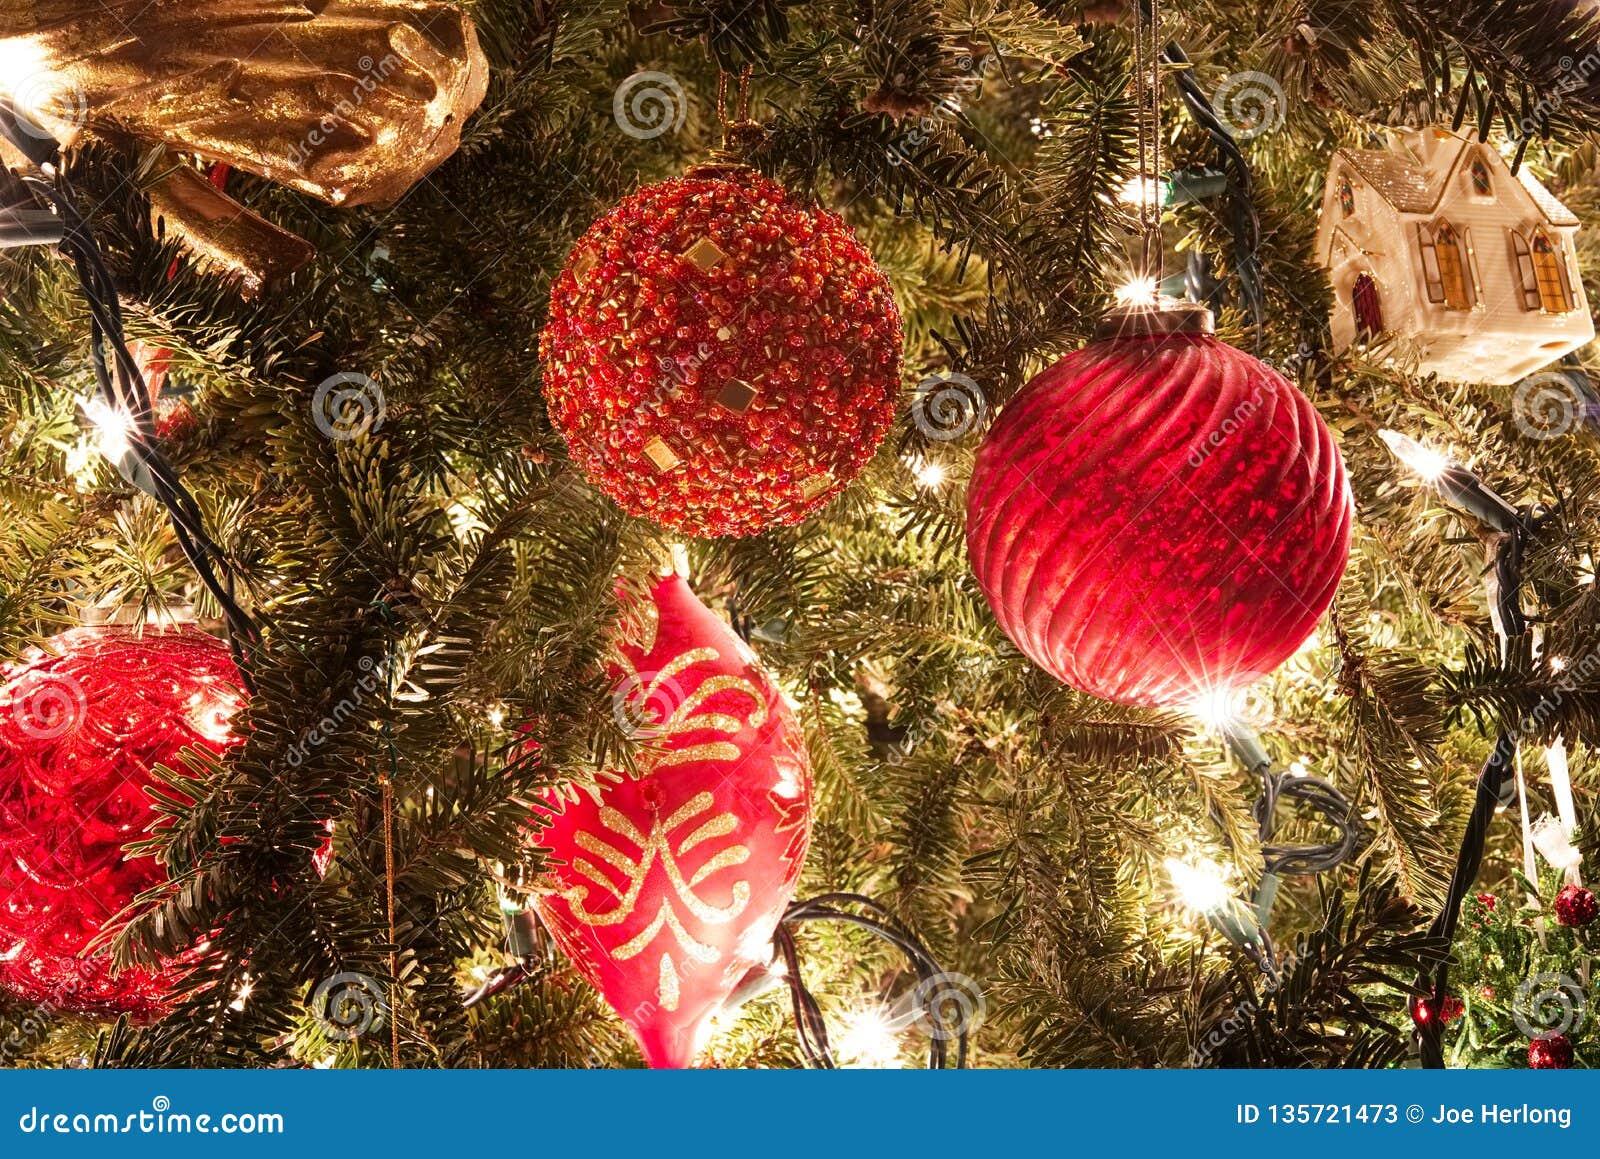 Rode Kerstmis siert het hangen op een boom met vage lichten op de achtergrond